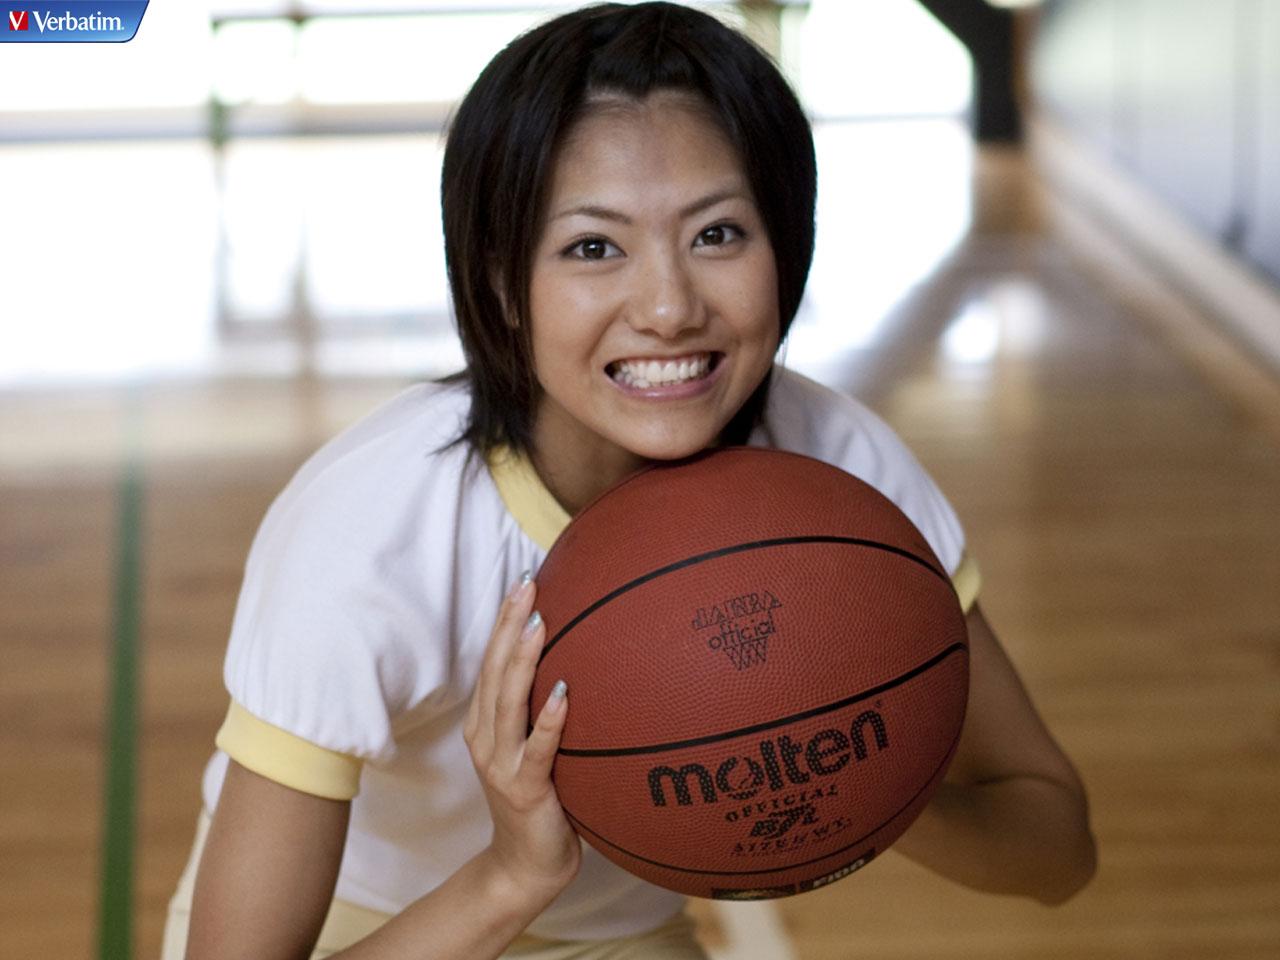 バスケットボールを持ち笑顔いっぱいのAKB48時代の宮澤佐江